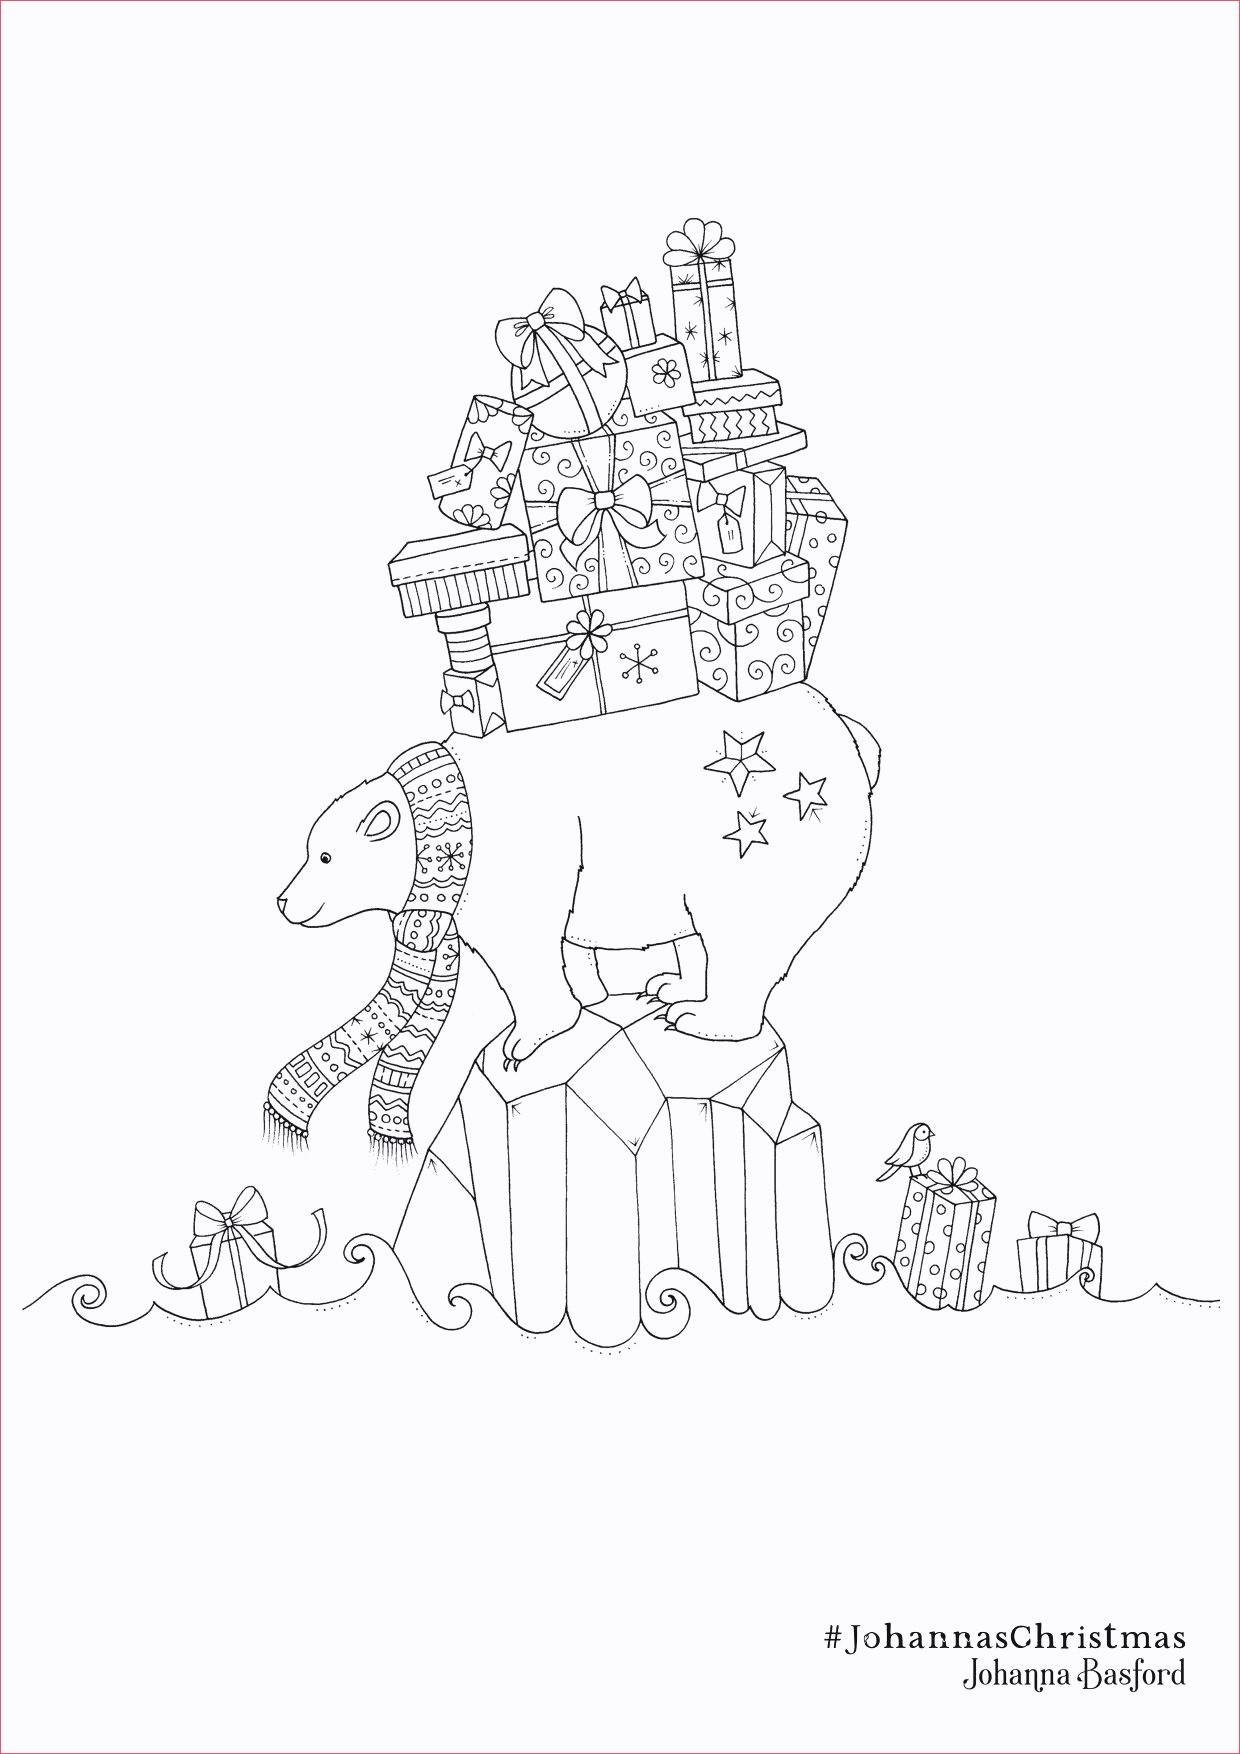 Ausmalbilder Für Erwachsene Weihnachten Inspirierend Malvorlagen Für Erwachsene Neu 016 Malen Nach Zahlen Fc3bcr Stock